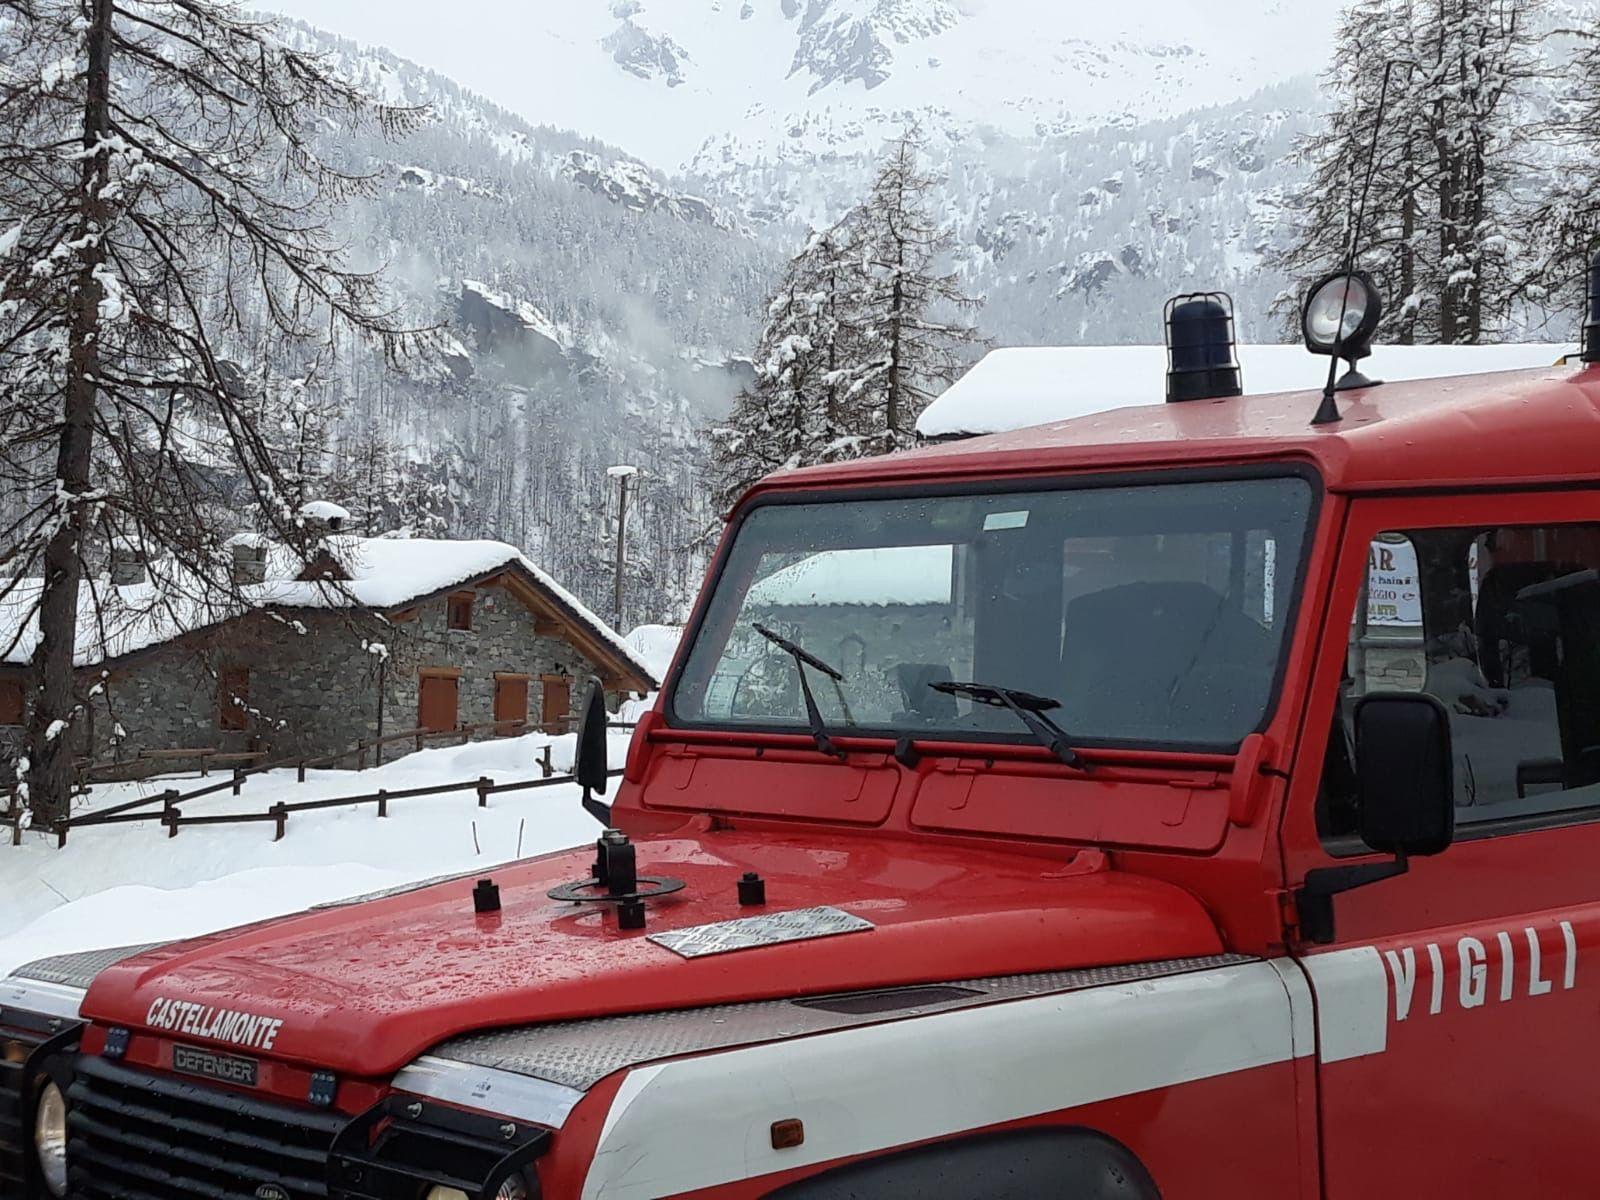 CERESOLE REALE - Due turisti bloccati nella neve: salvati dal soccorso alpino e dai vigili del fuoco